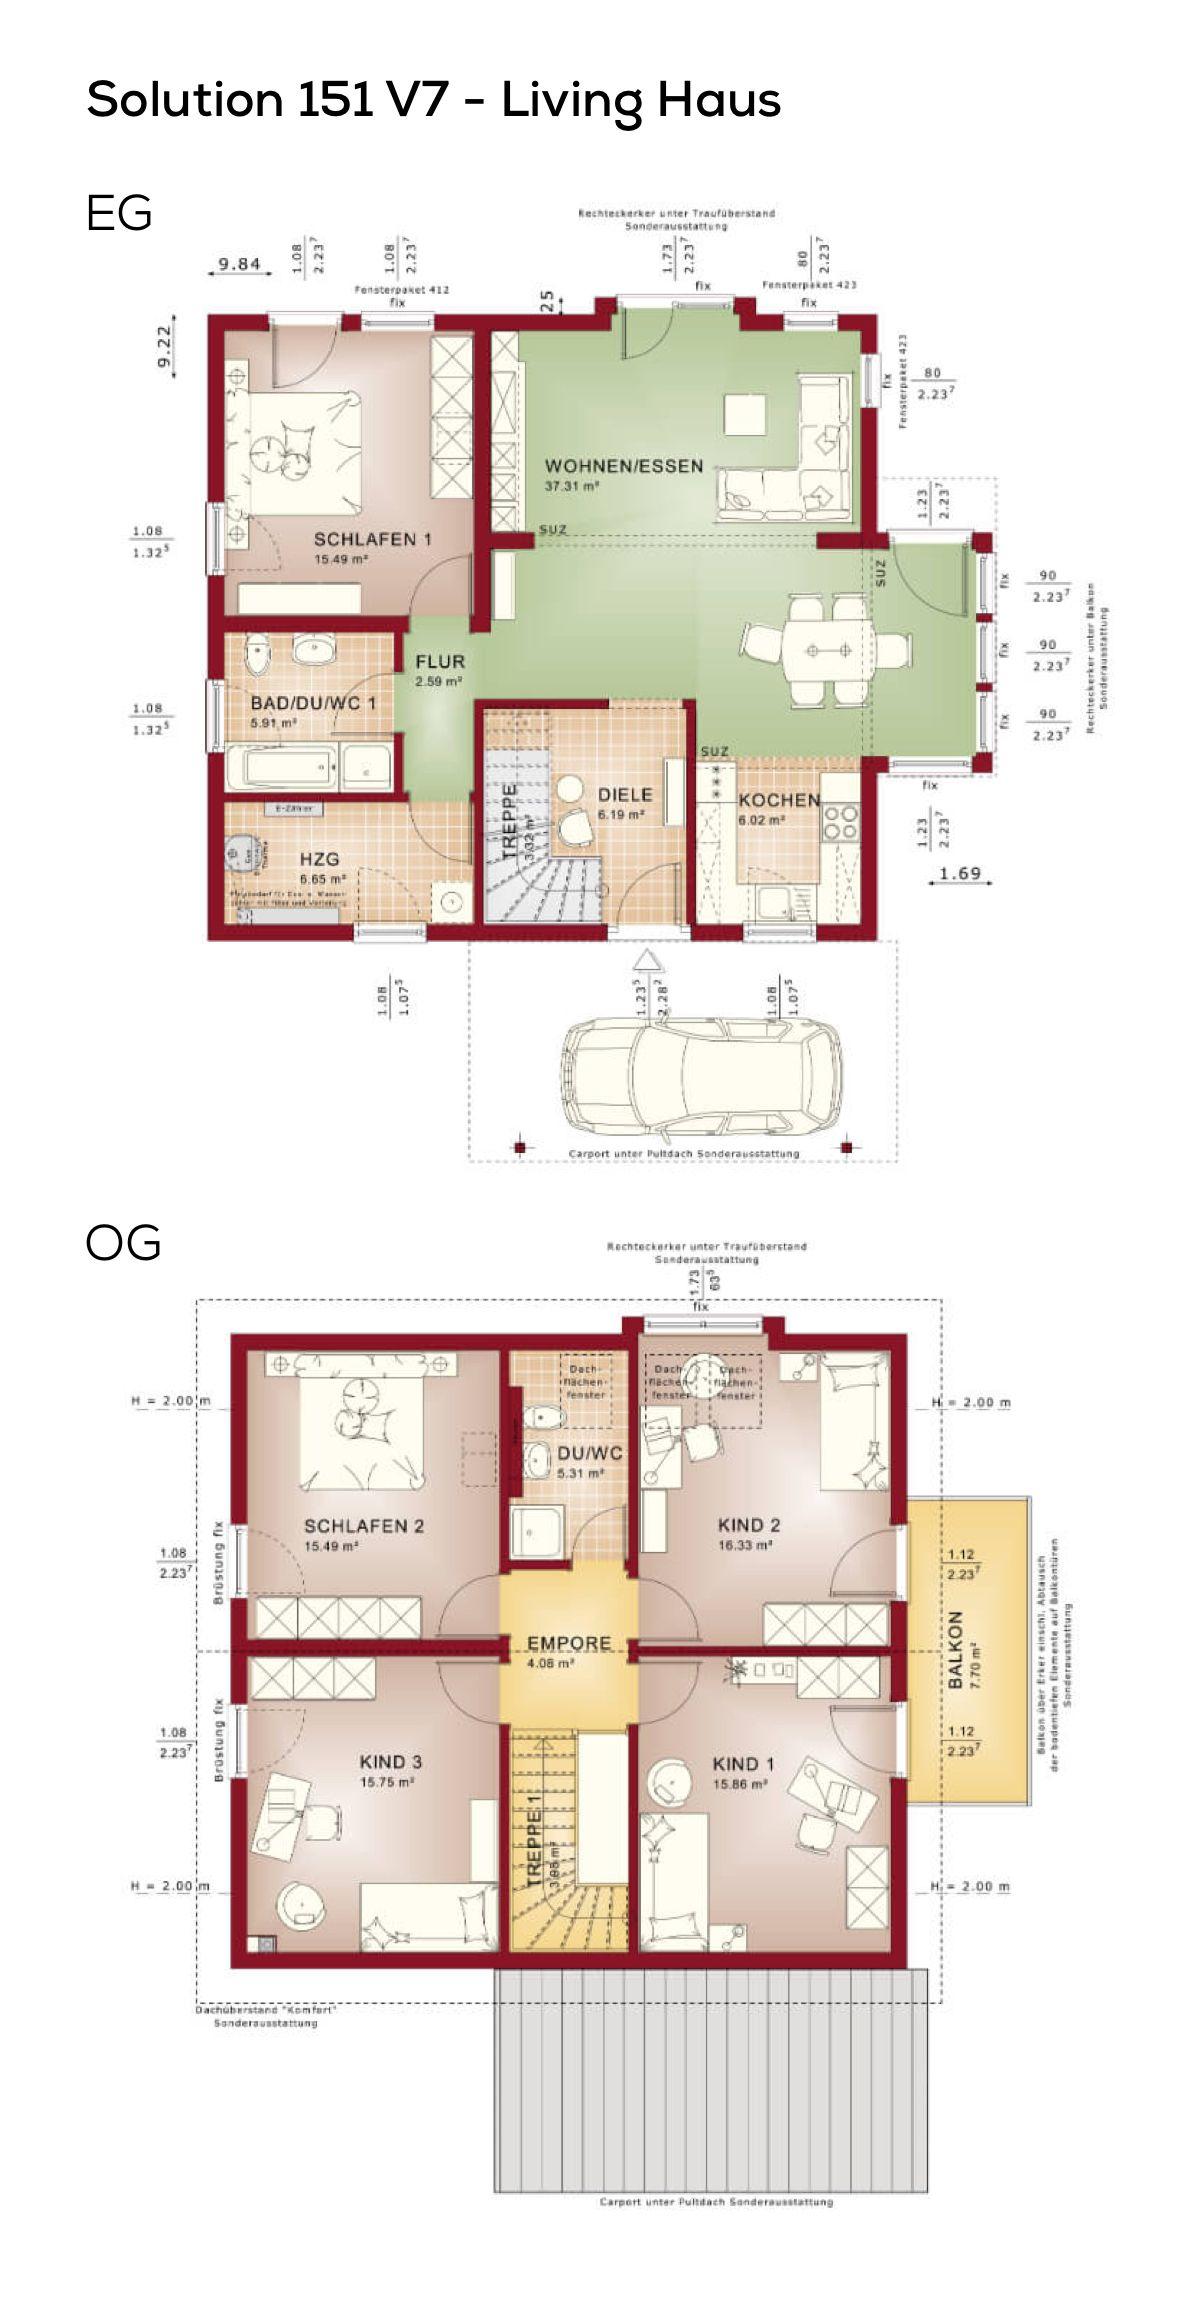 grundriss einfamilienhaus mit satteldach 6 zimmer 150 qm wohnfl che carport ohne keller. Black Bedroom Furniture Sets. Home Design Ideas